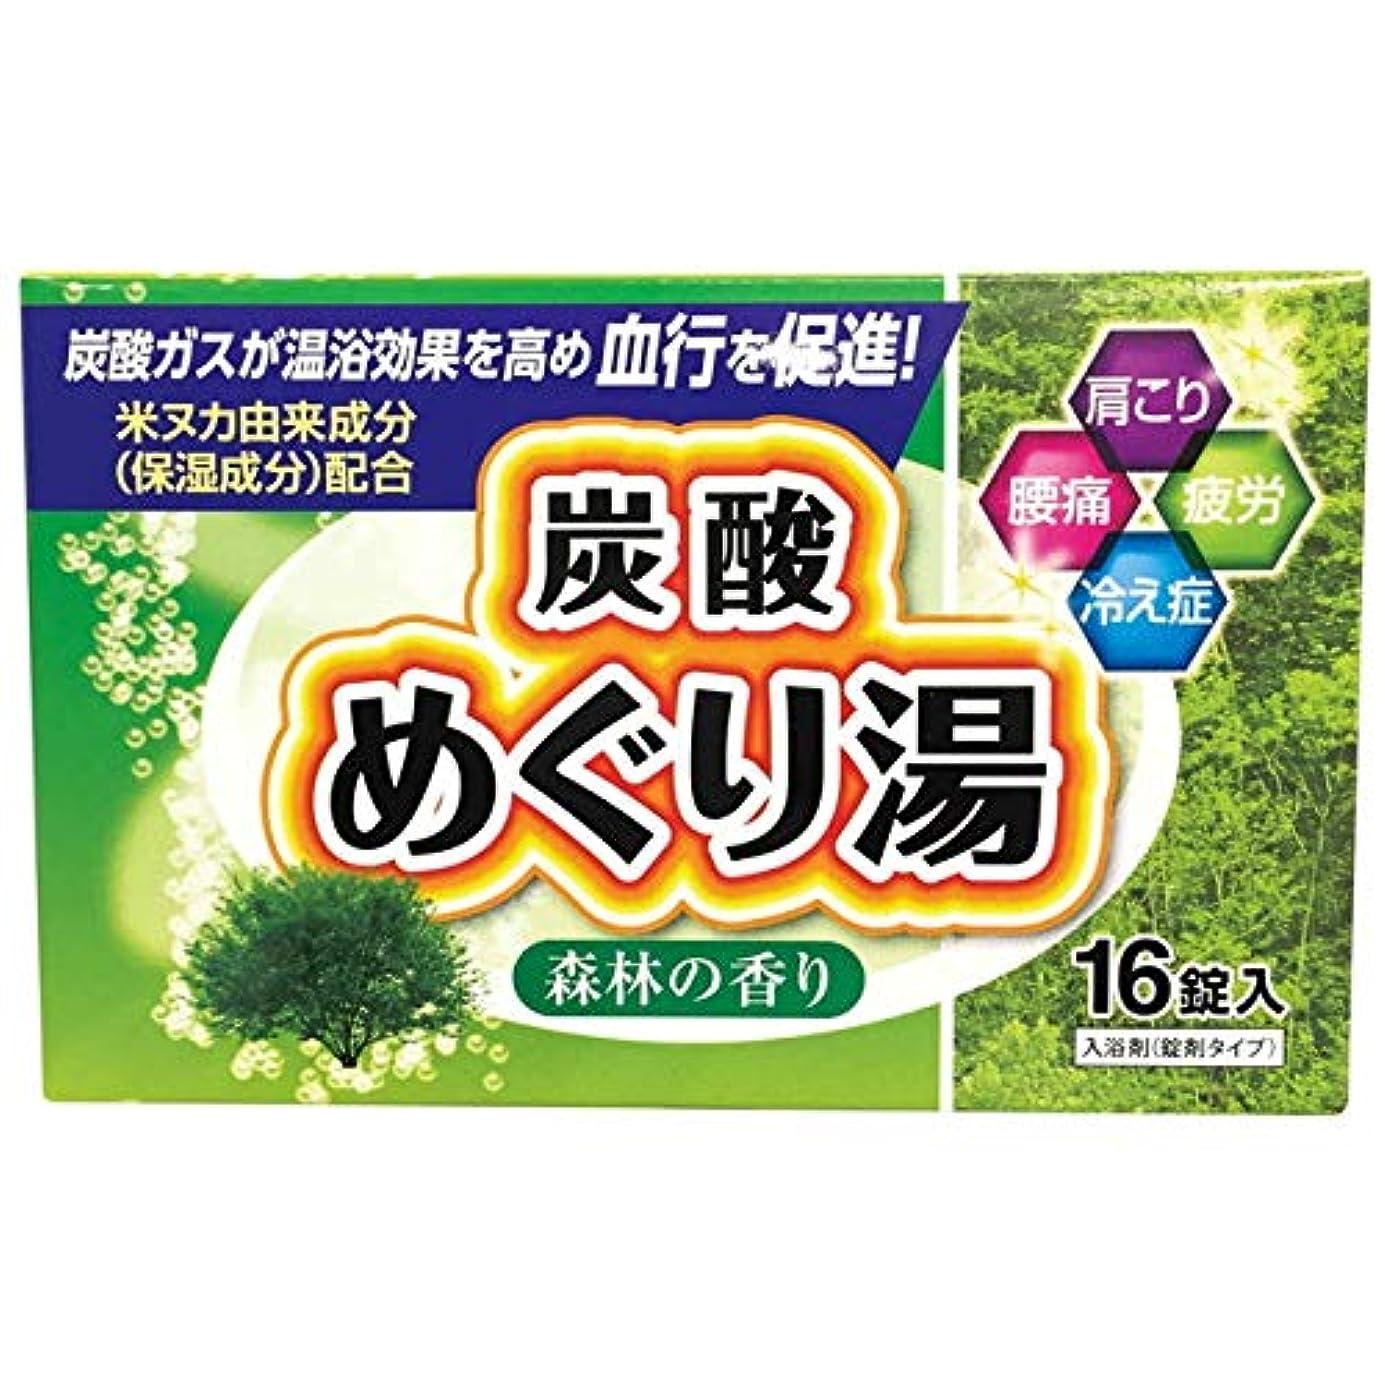 理論マイコンインド炭酸めぐり湯 森林の香り 16錠